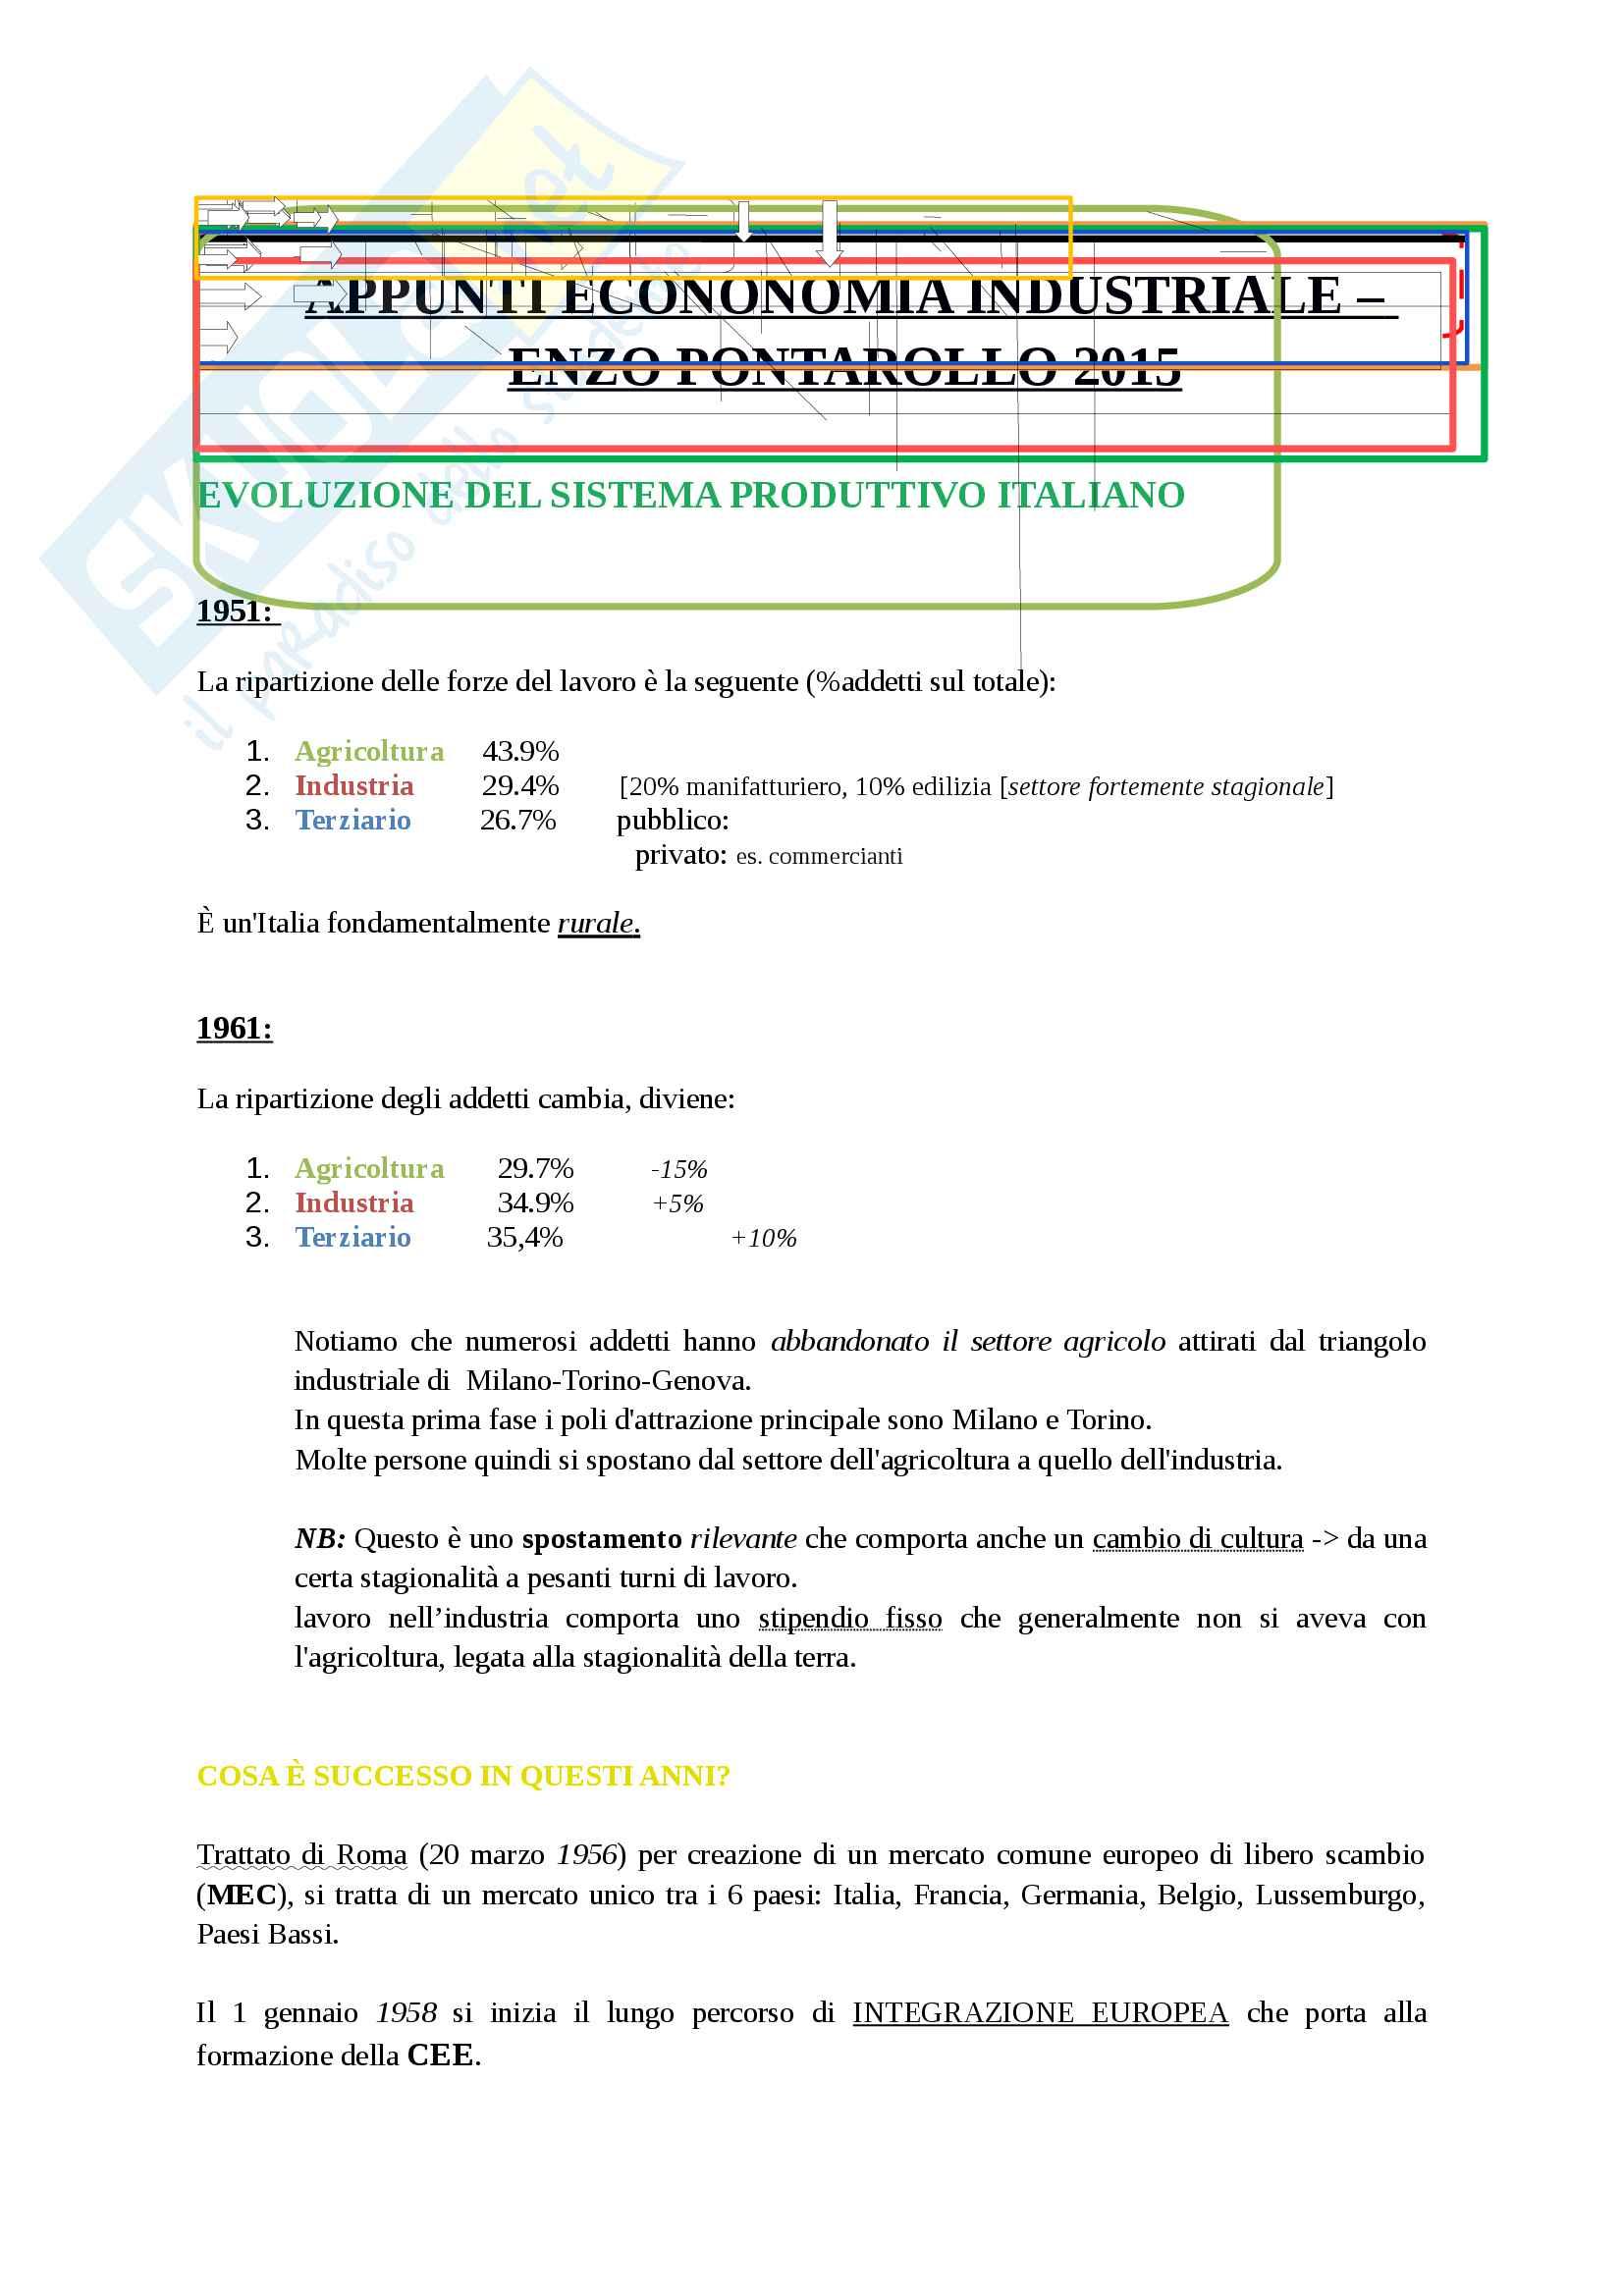 Appunti del corso di economia industriale (2015) - Enzo pontarollo